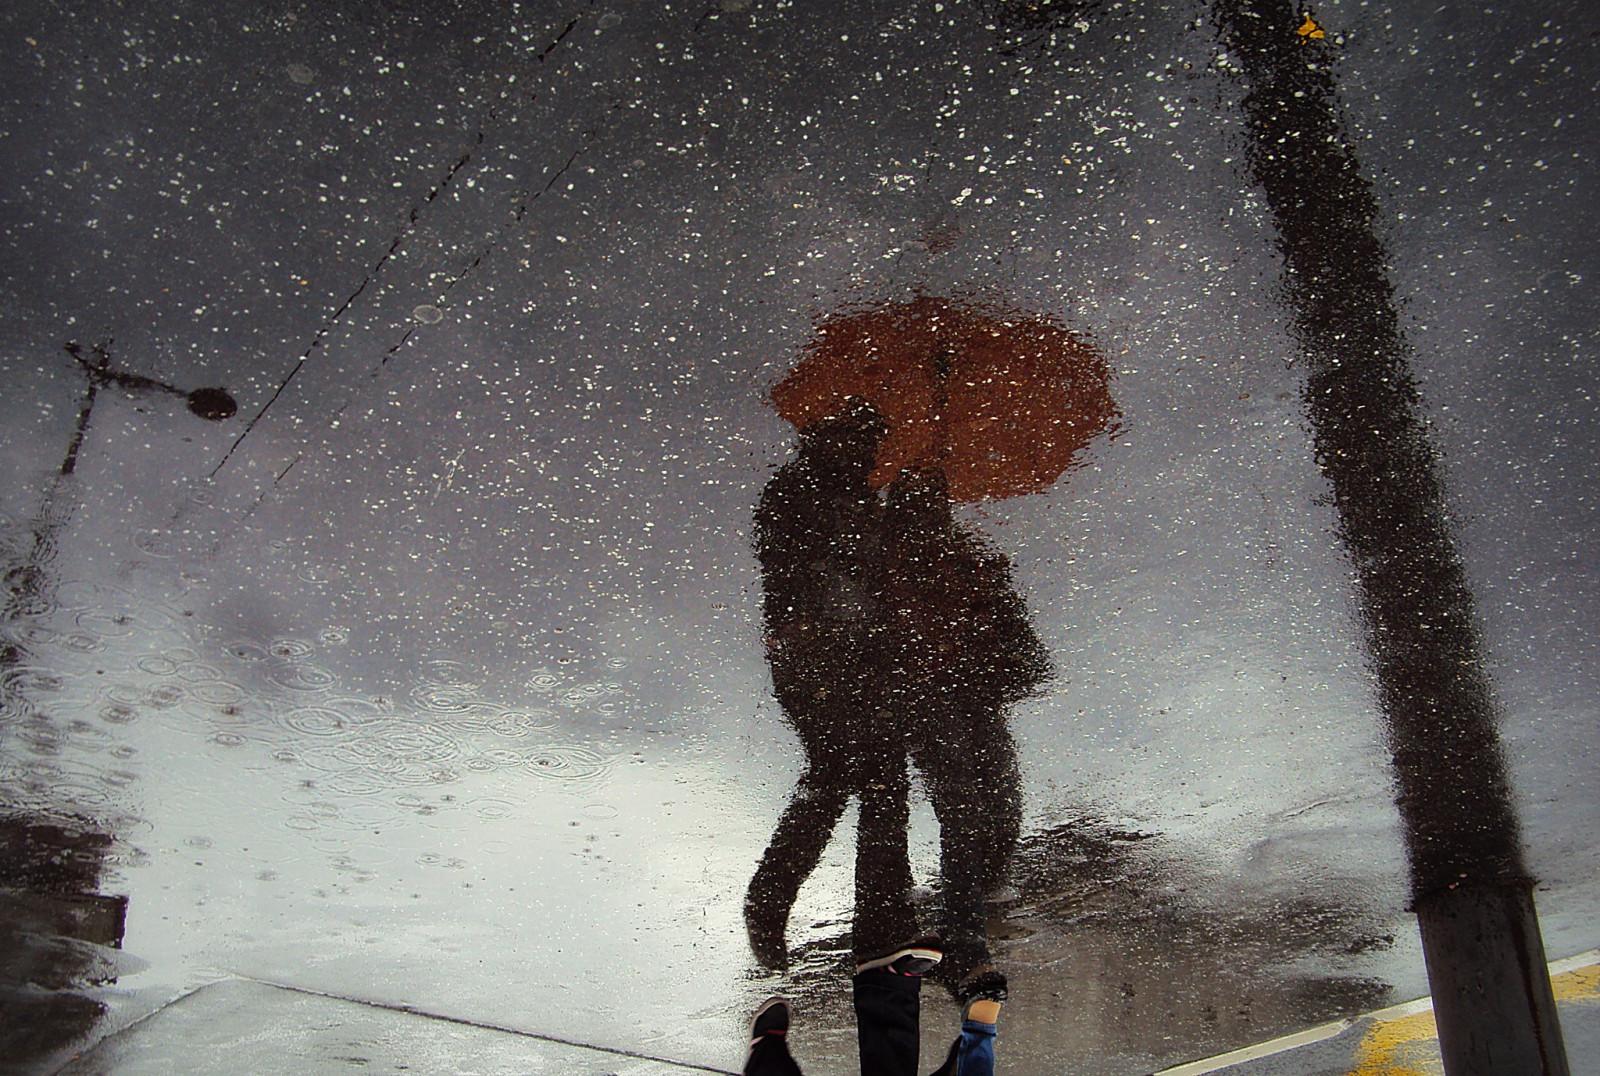 Прикольные картинки про дождь зимой, картинки кофеманов